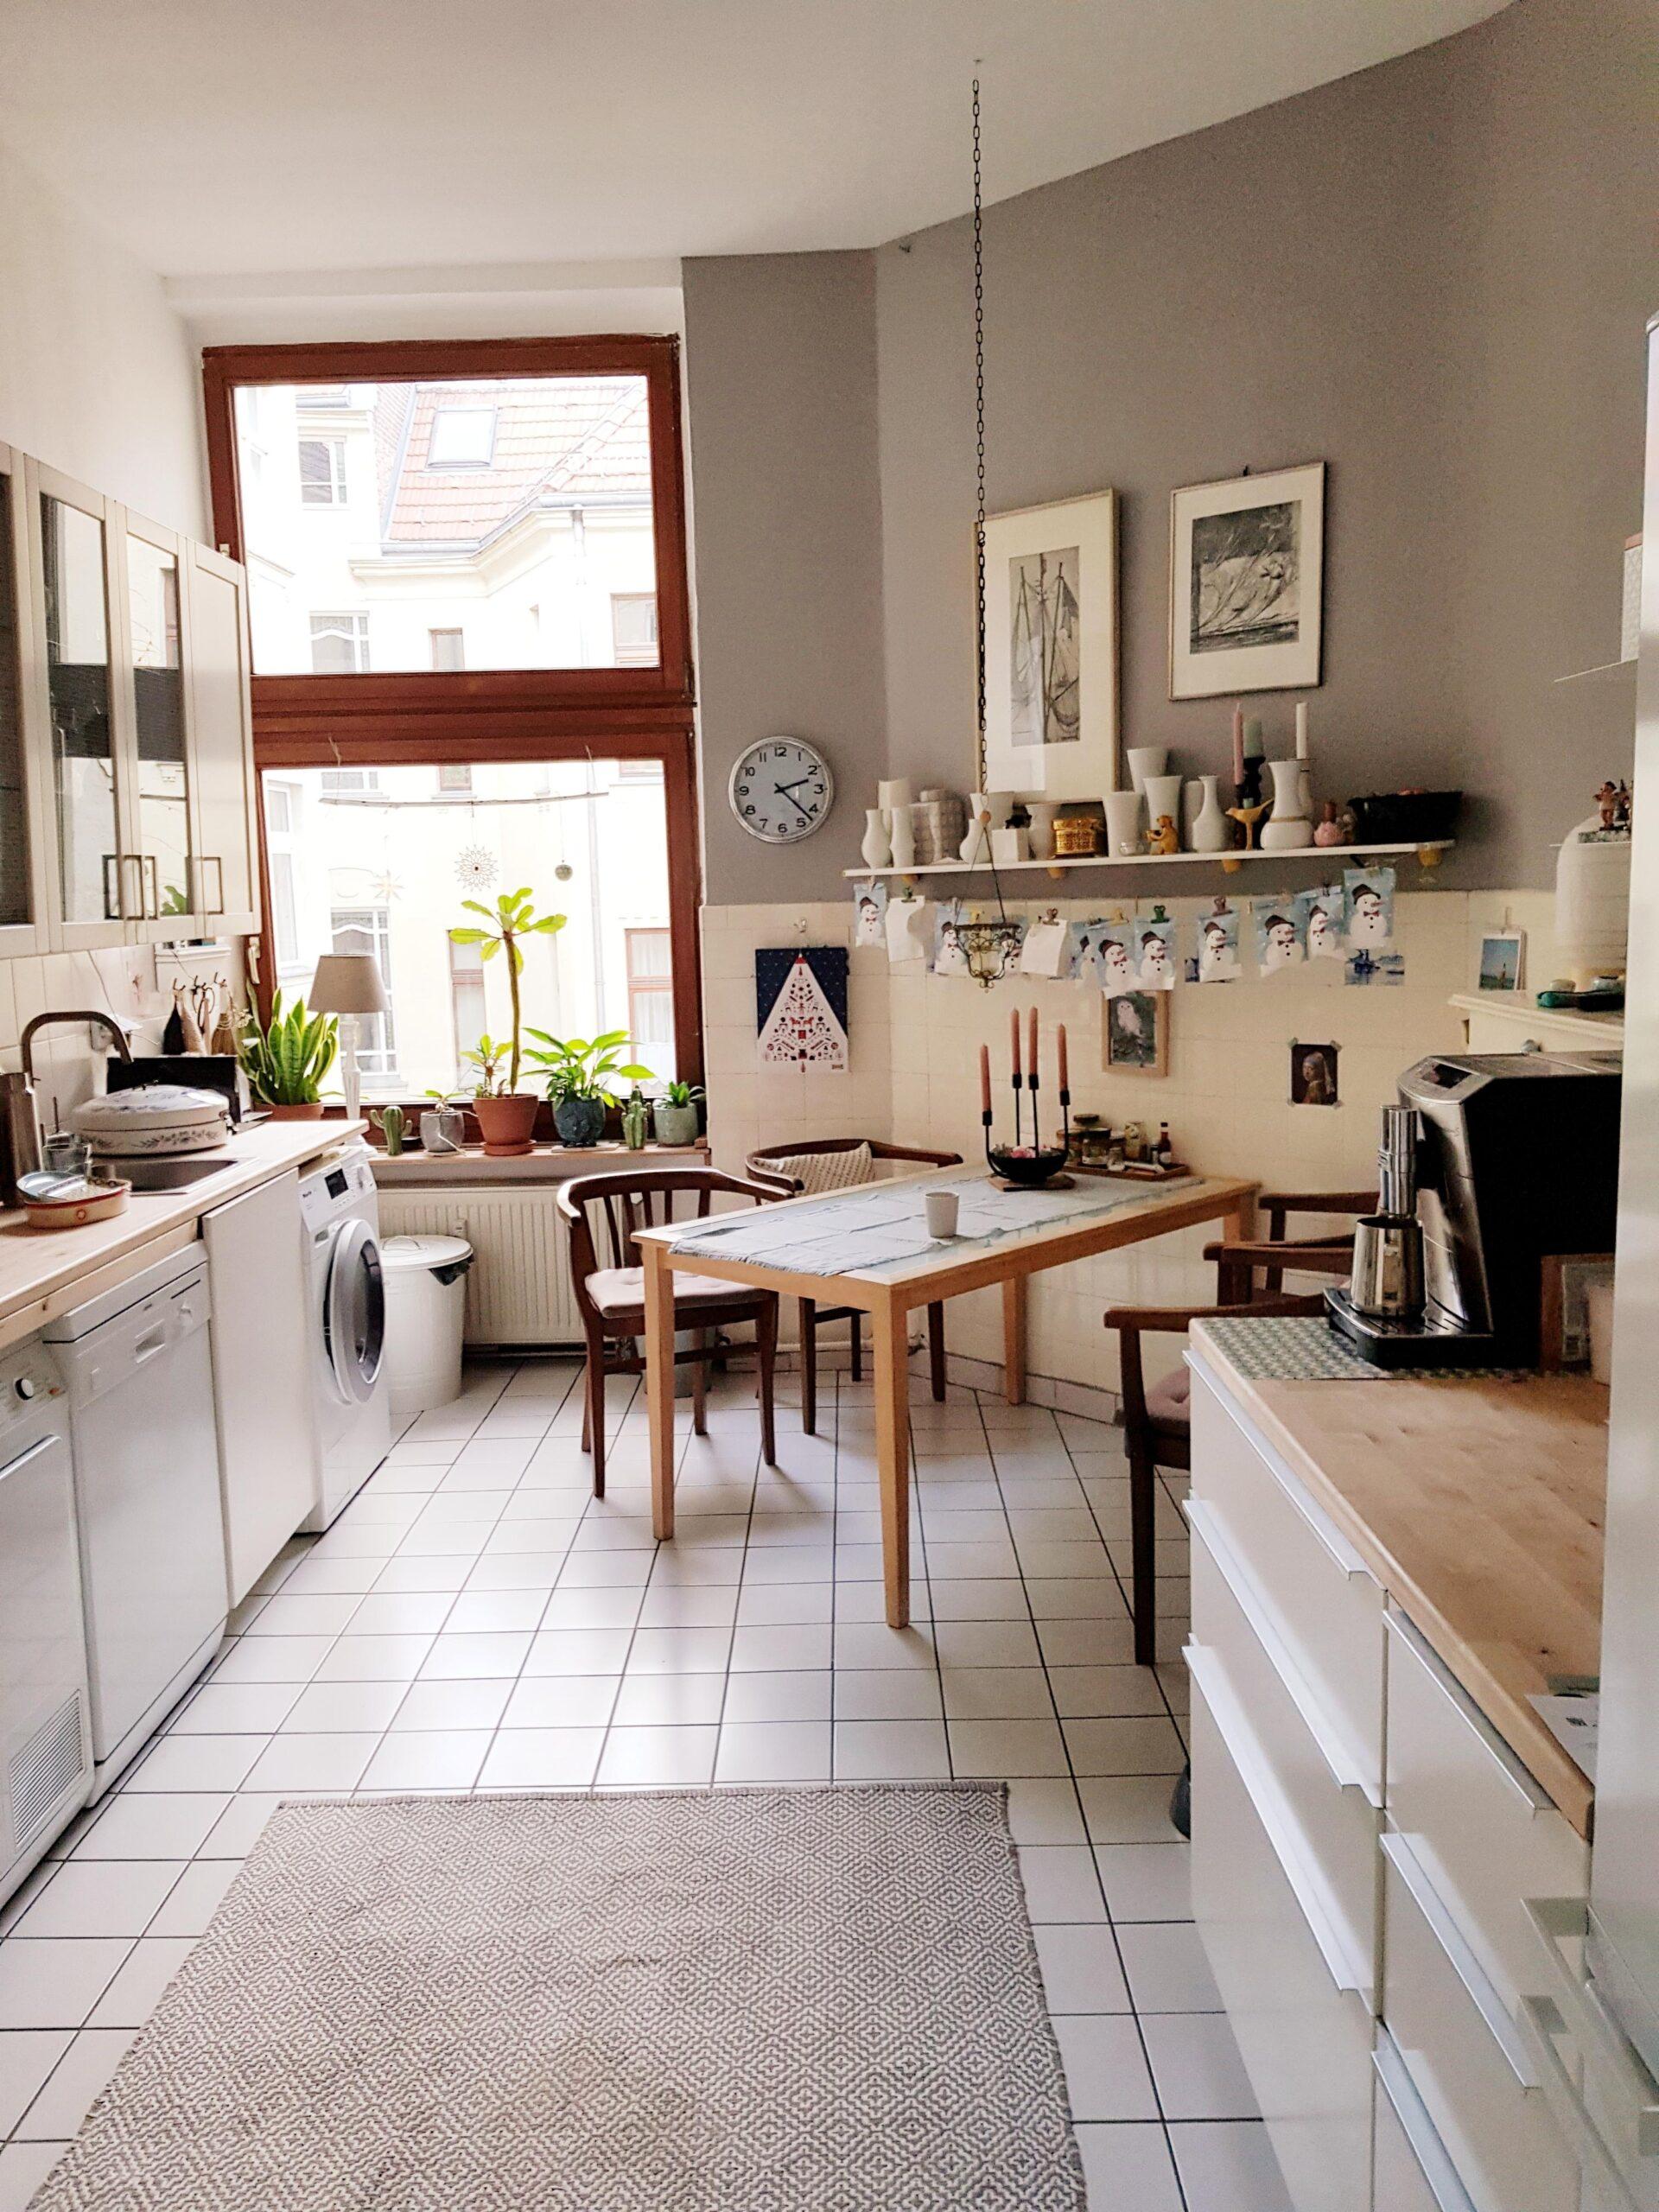 Full Size of Ikea Küche Landhausstil Ikeakche Bilder Ideen Couch Läufer Mischbatterie Wandverkleidung Beistelltisch Lampen Werkbank Regal Bodenbelag Wanduhr Wandtattoo Wohnzimmer Ikea Küche Landhausstil